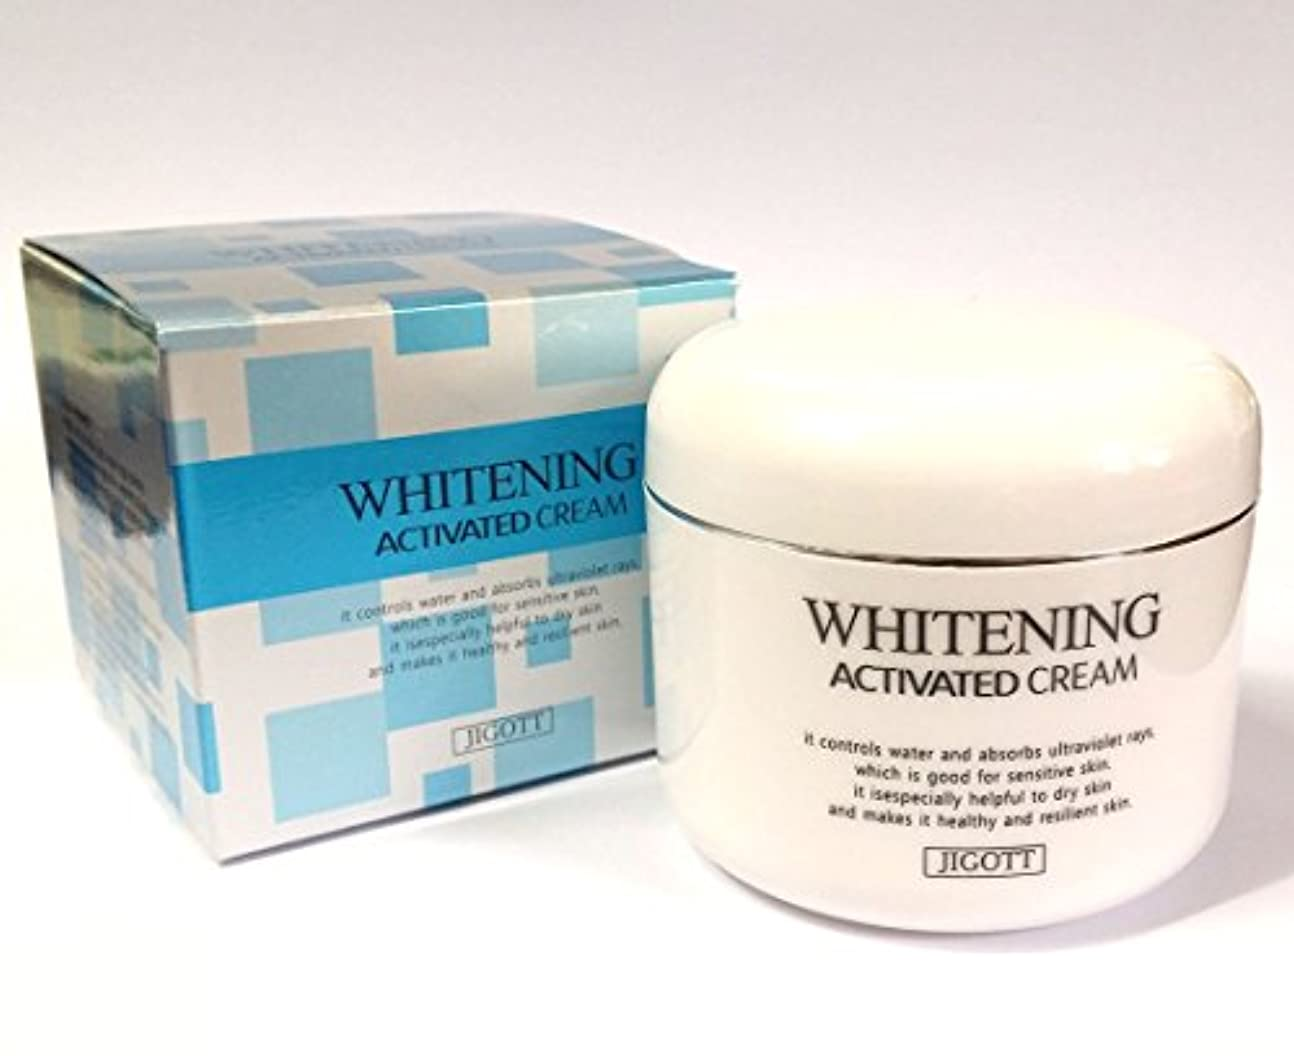 素晴らしさ女優厚さ[JIGOTT] ホワイトニング活性化クリーム100ml/Whitening Activated Cream 100ml/潤い、滑らか、明るい/韓国の化粧品/moisture,smooth,bright/Korean Cosmetics...